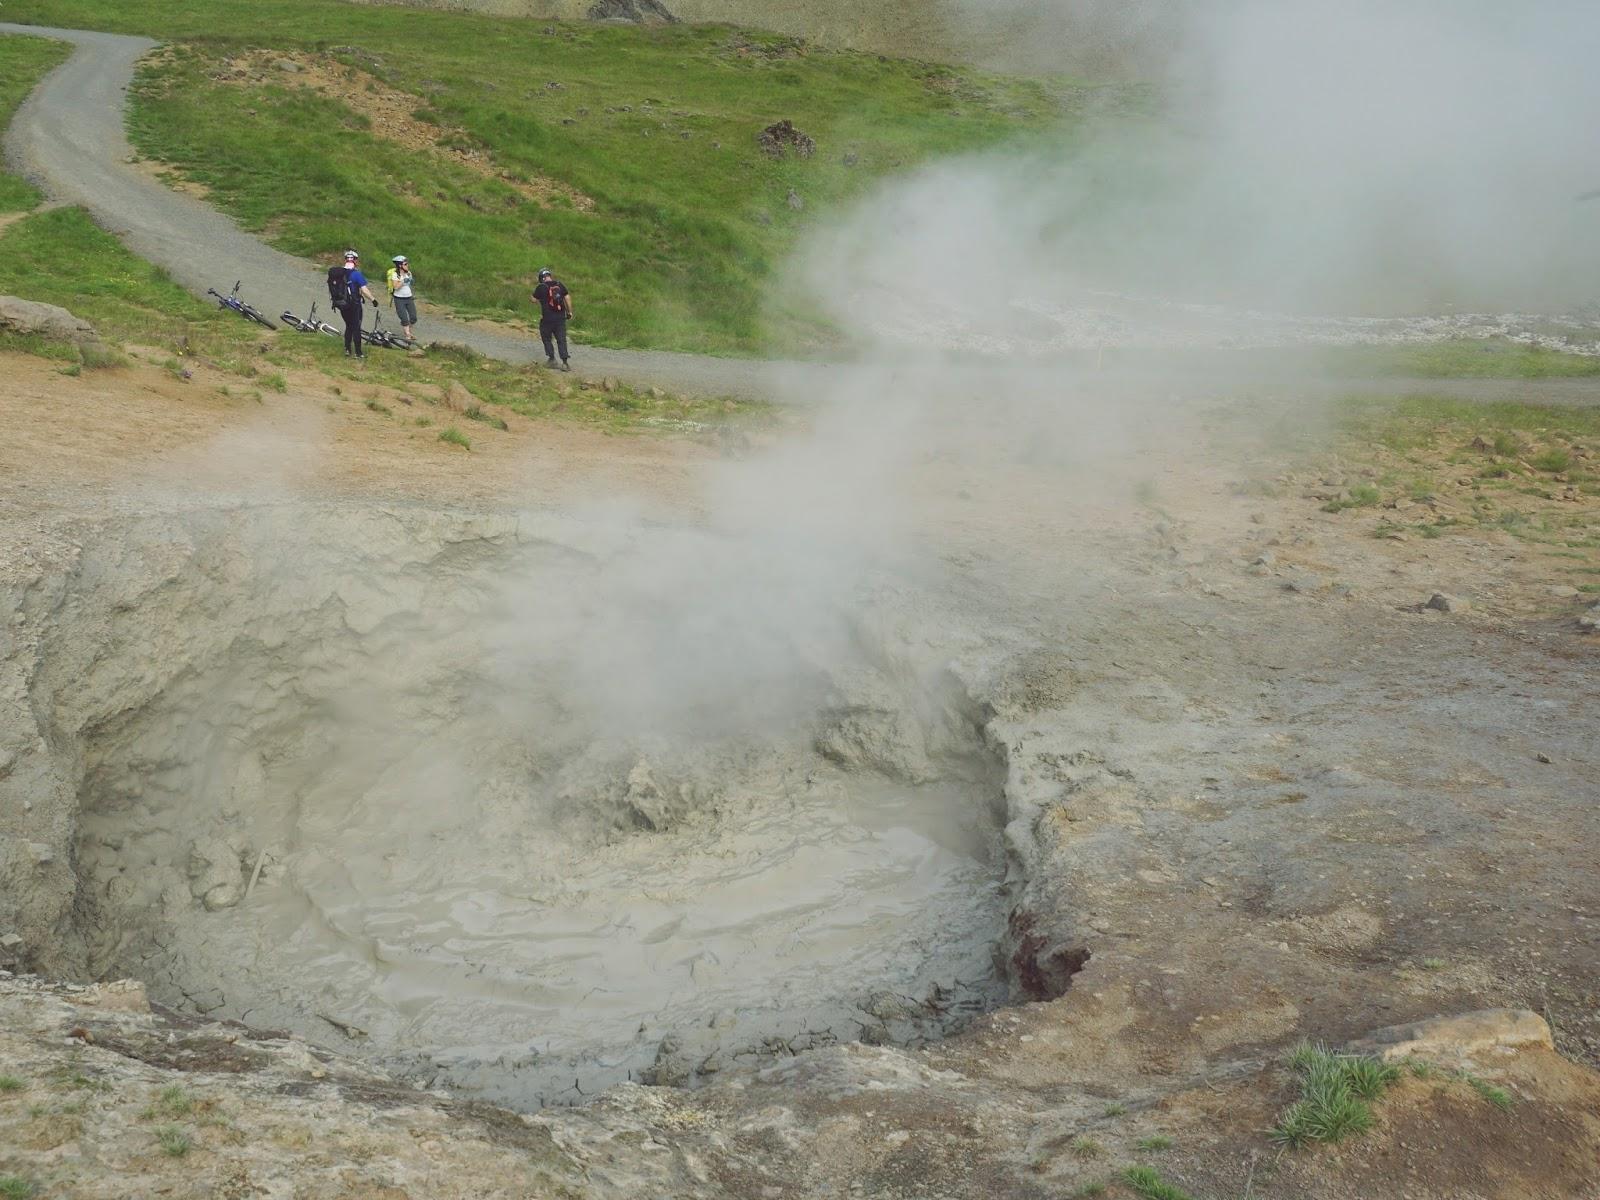 Reykjadalur, gorące źródła, Islandia, islandzkie wakacje, co zwiedzić w Islandii